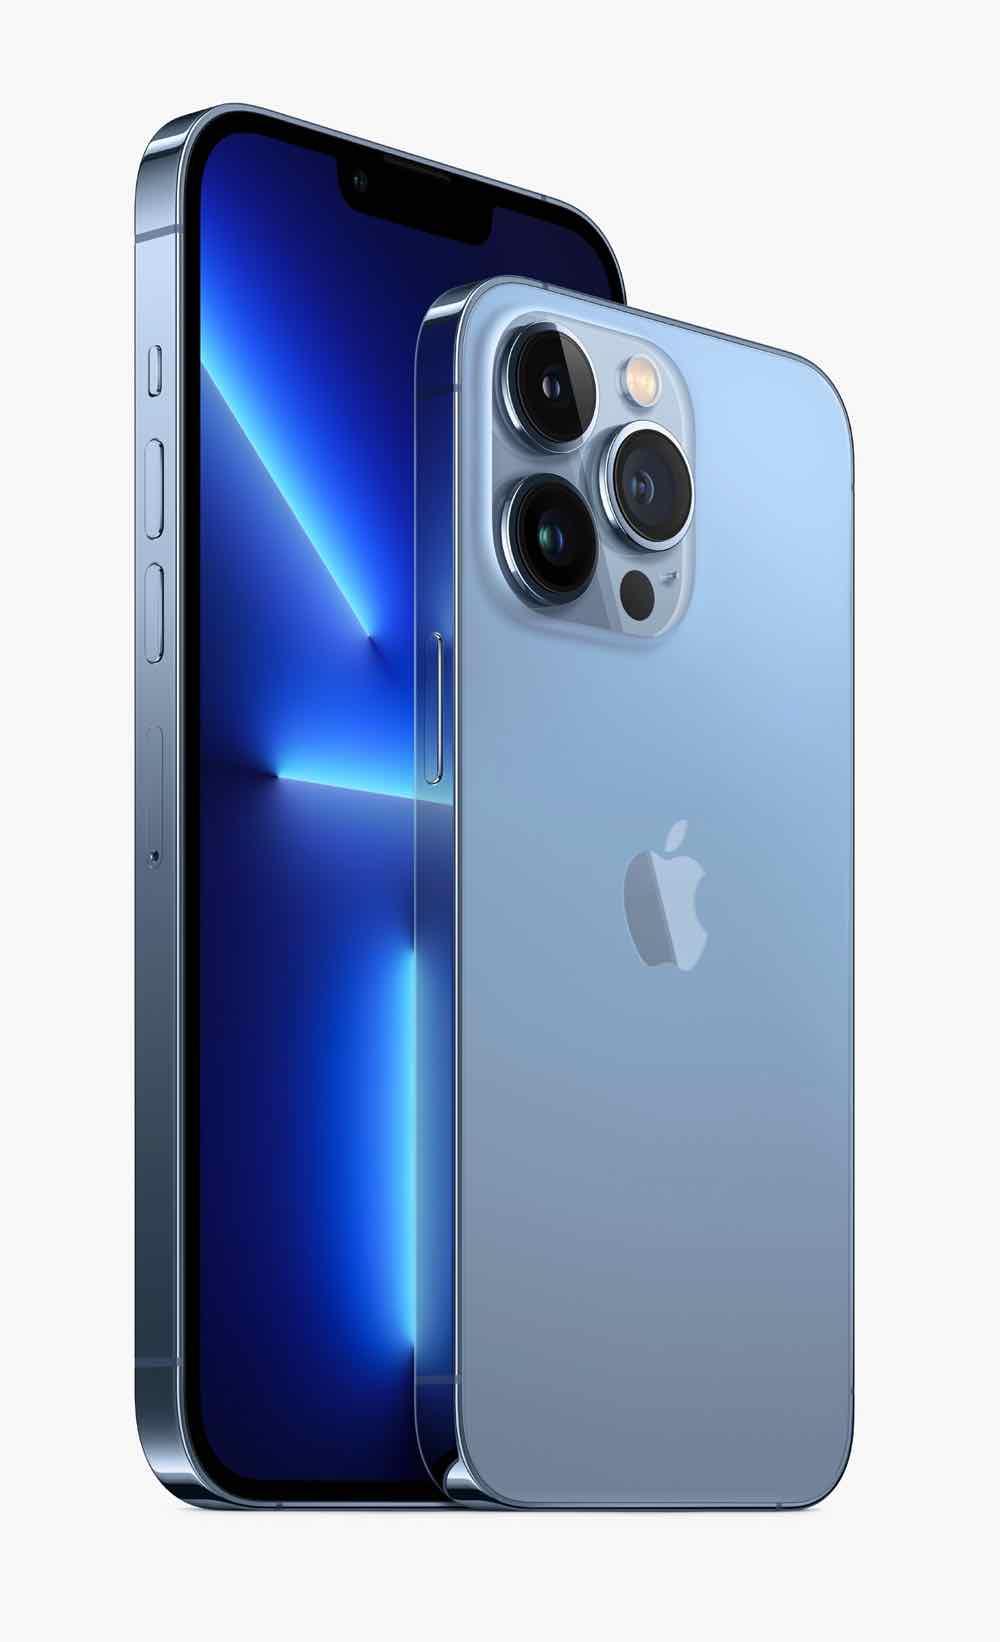 3香港 iPhone 13 最後召集 加入「5G Go Phone會」淨機價最多慳$10,000